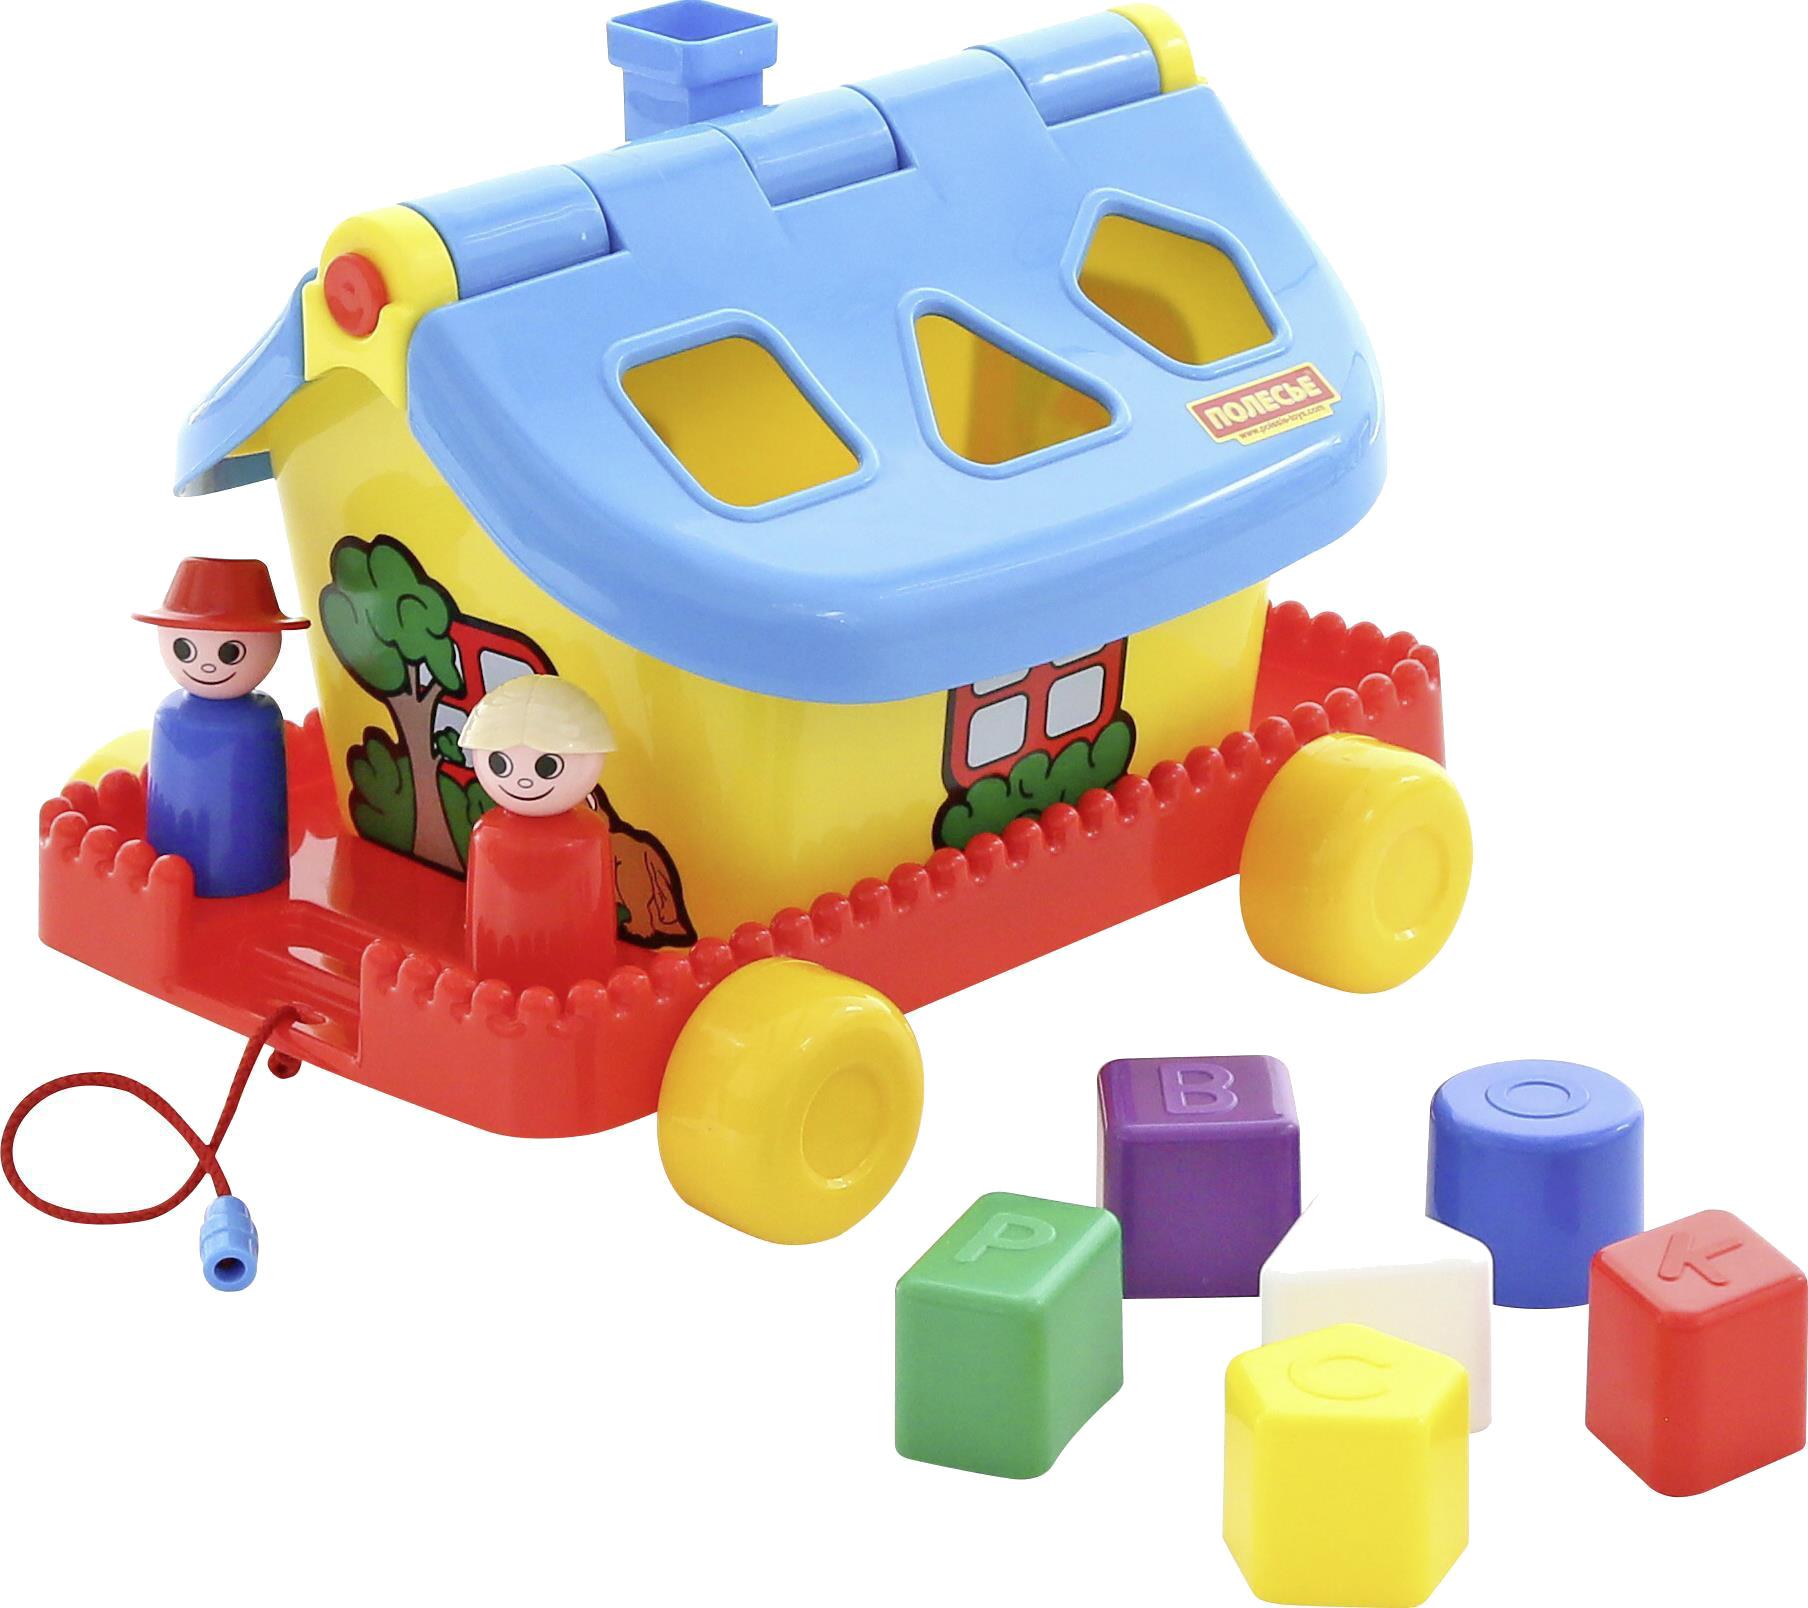 Сортеры для малышей Русский стиль Садовый домик на колёсиках